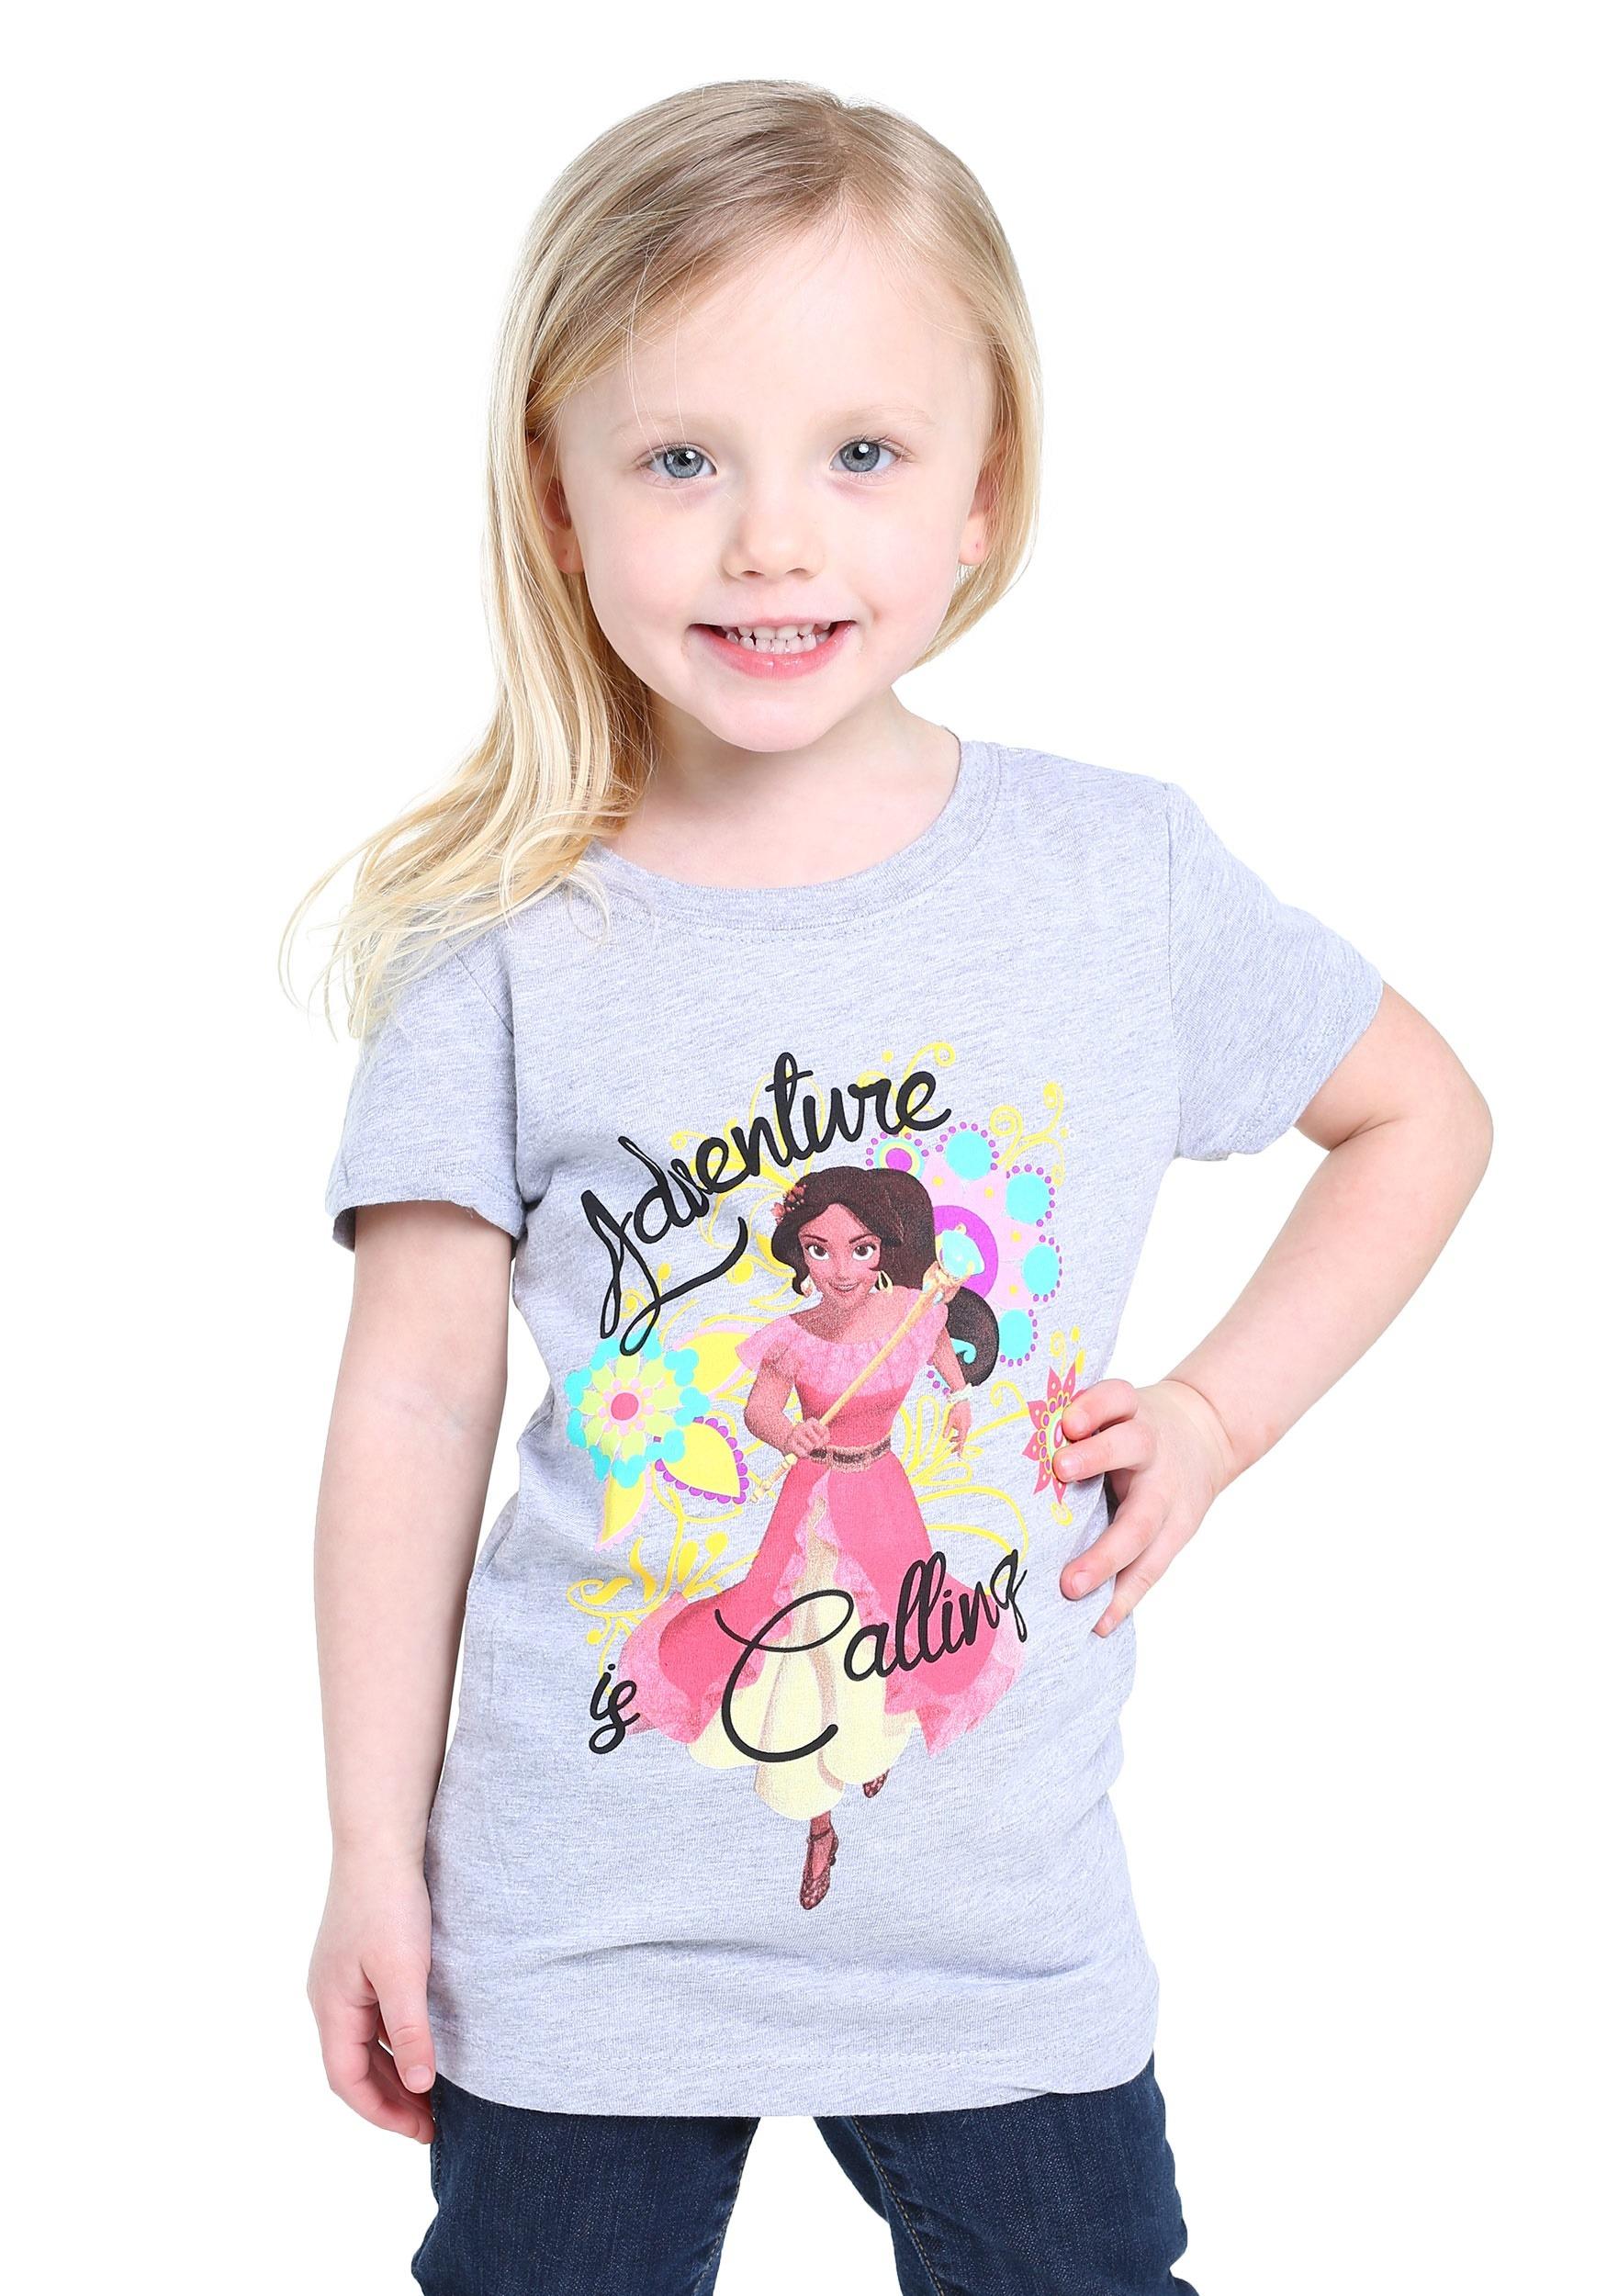 Elena of Avalor T-shirt for Girls